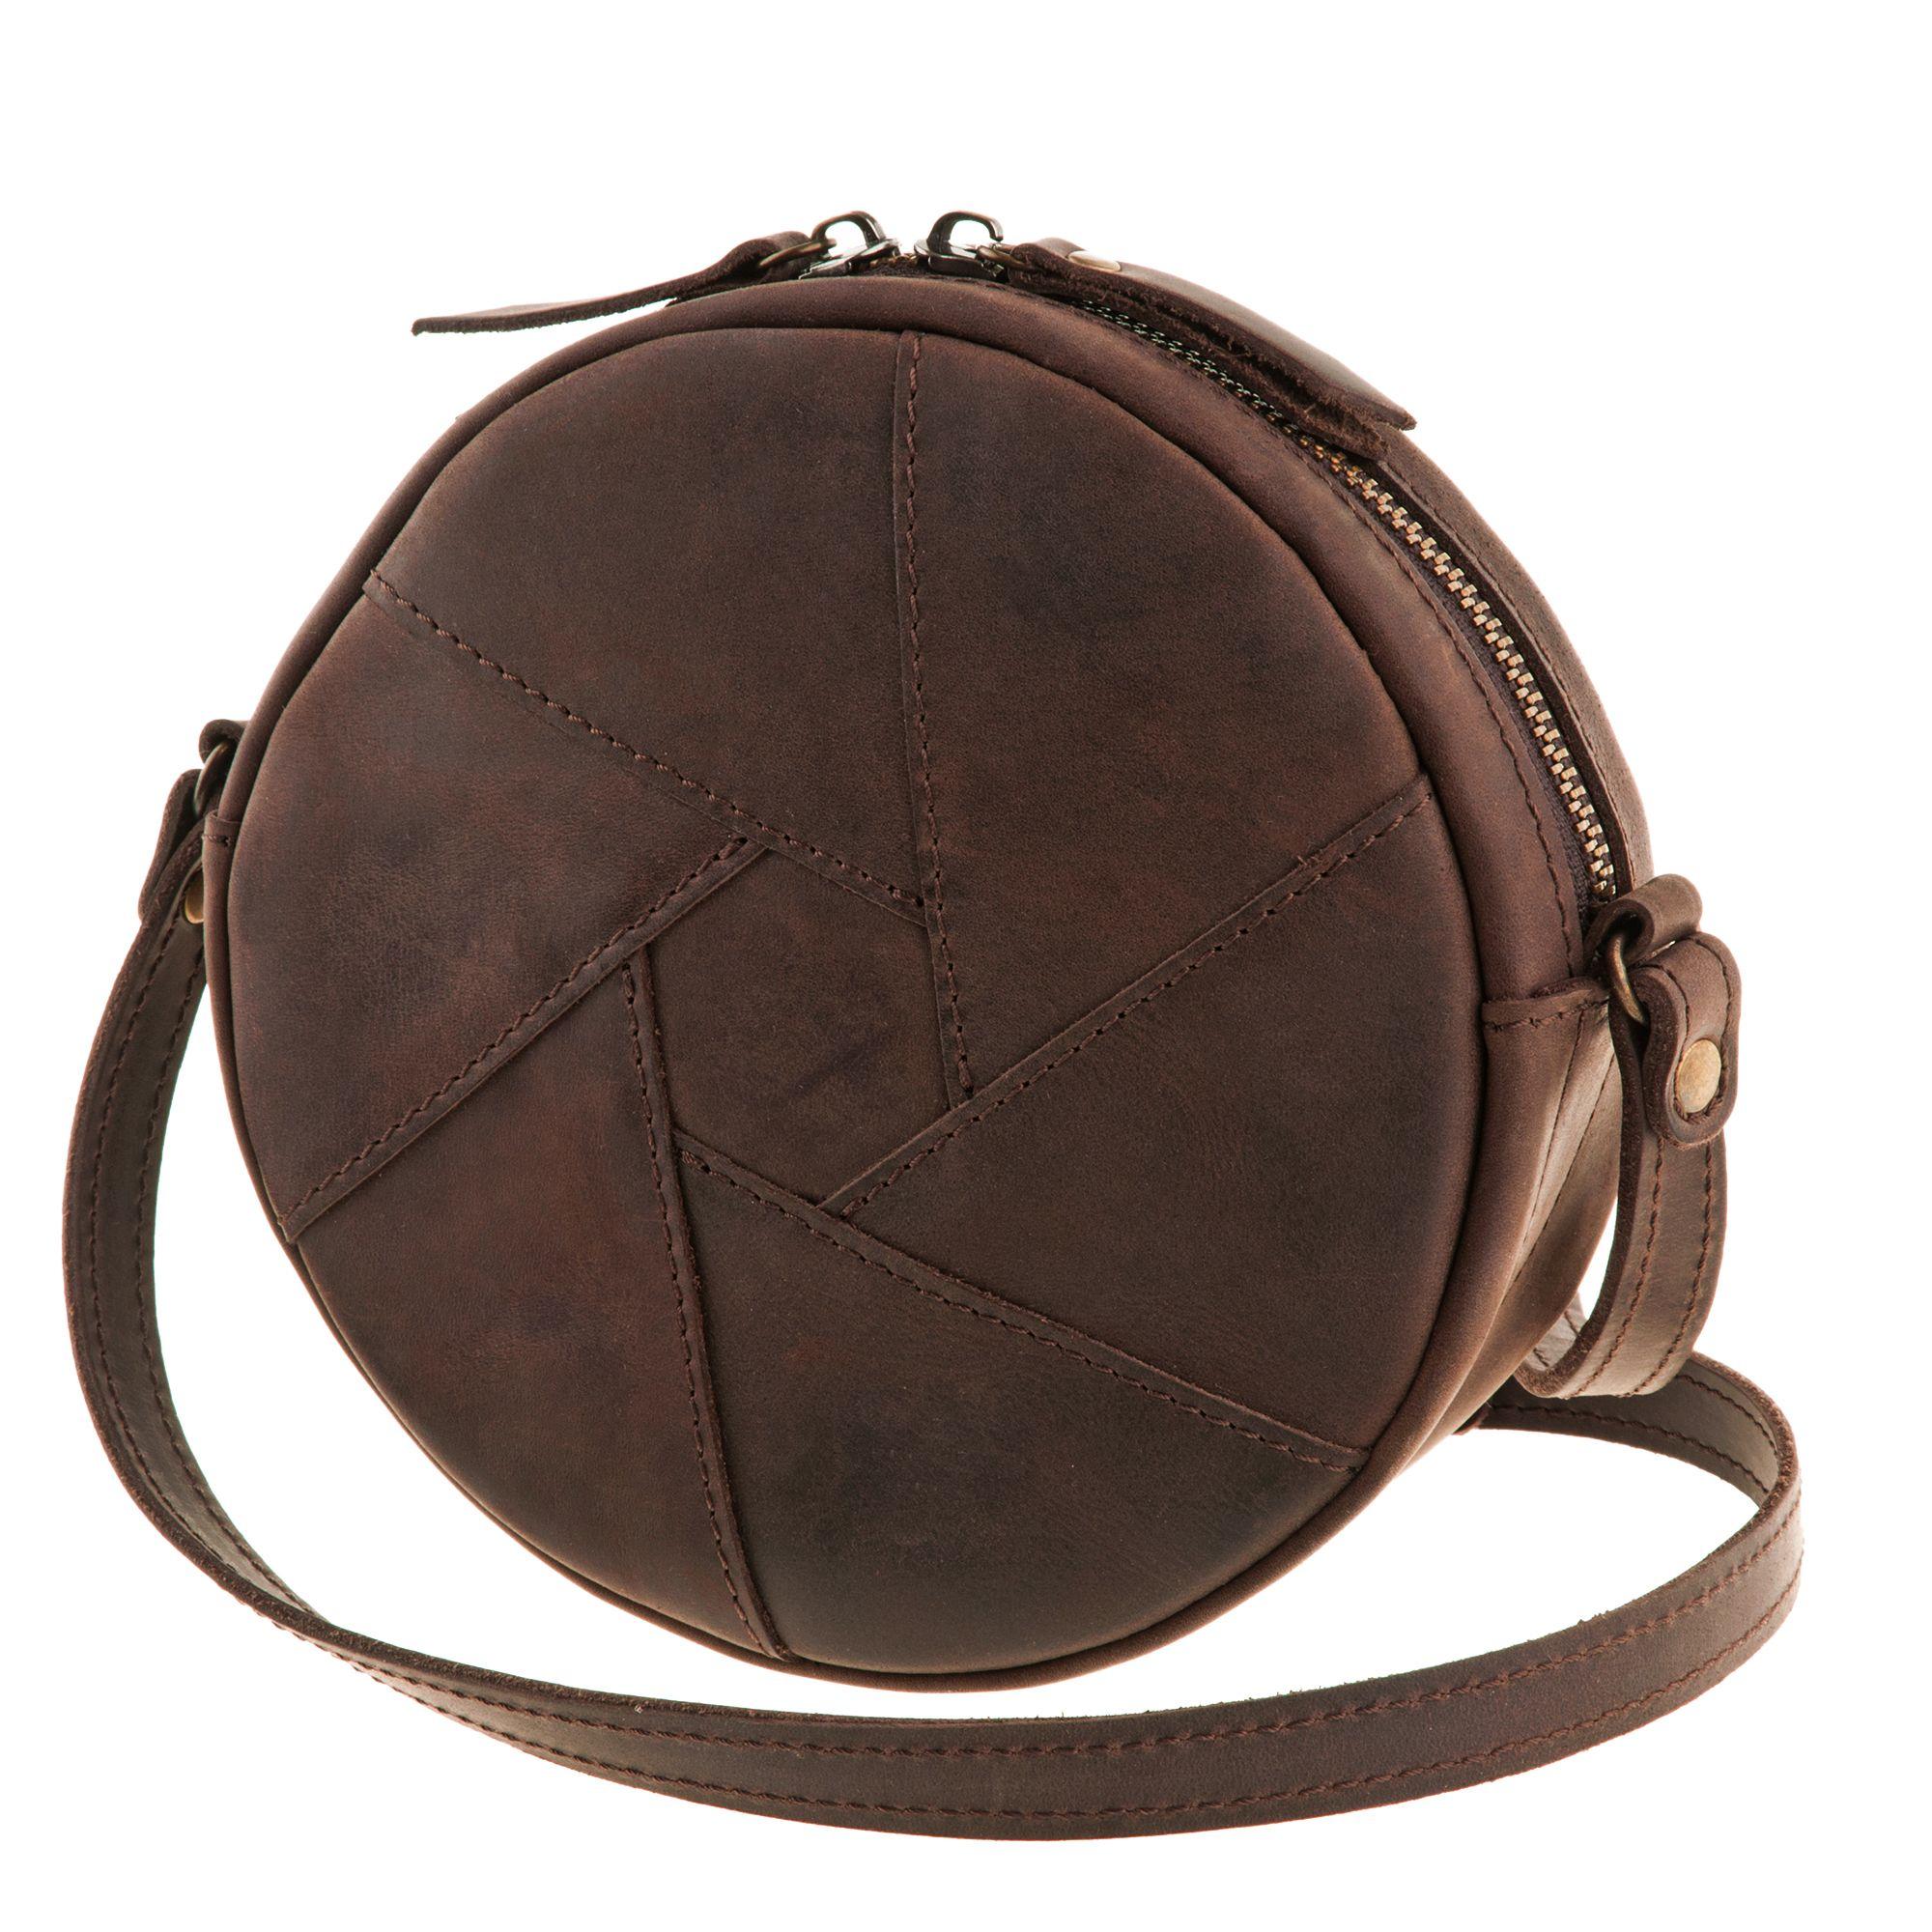 Купить кожаную сумку со скидкой от BlankNote -30%